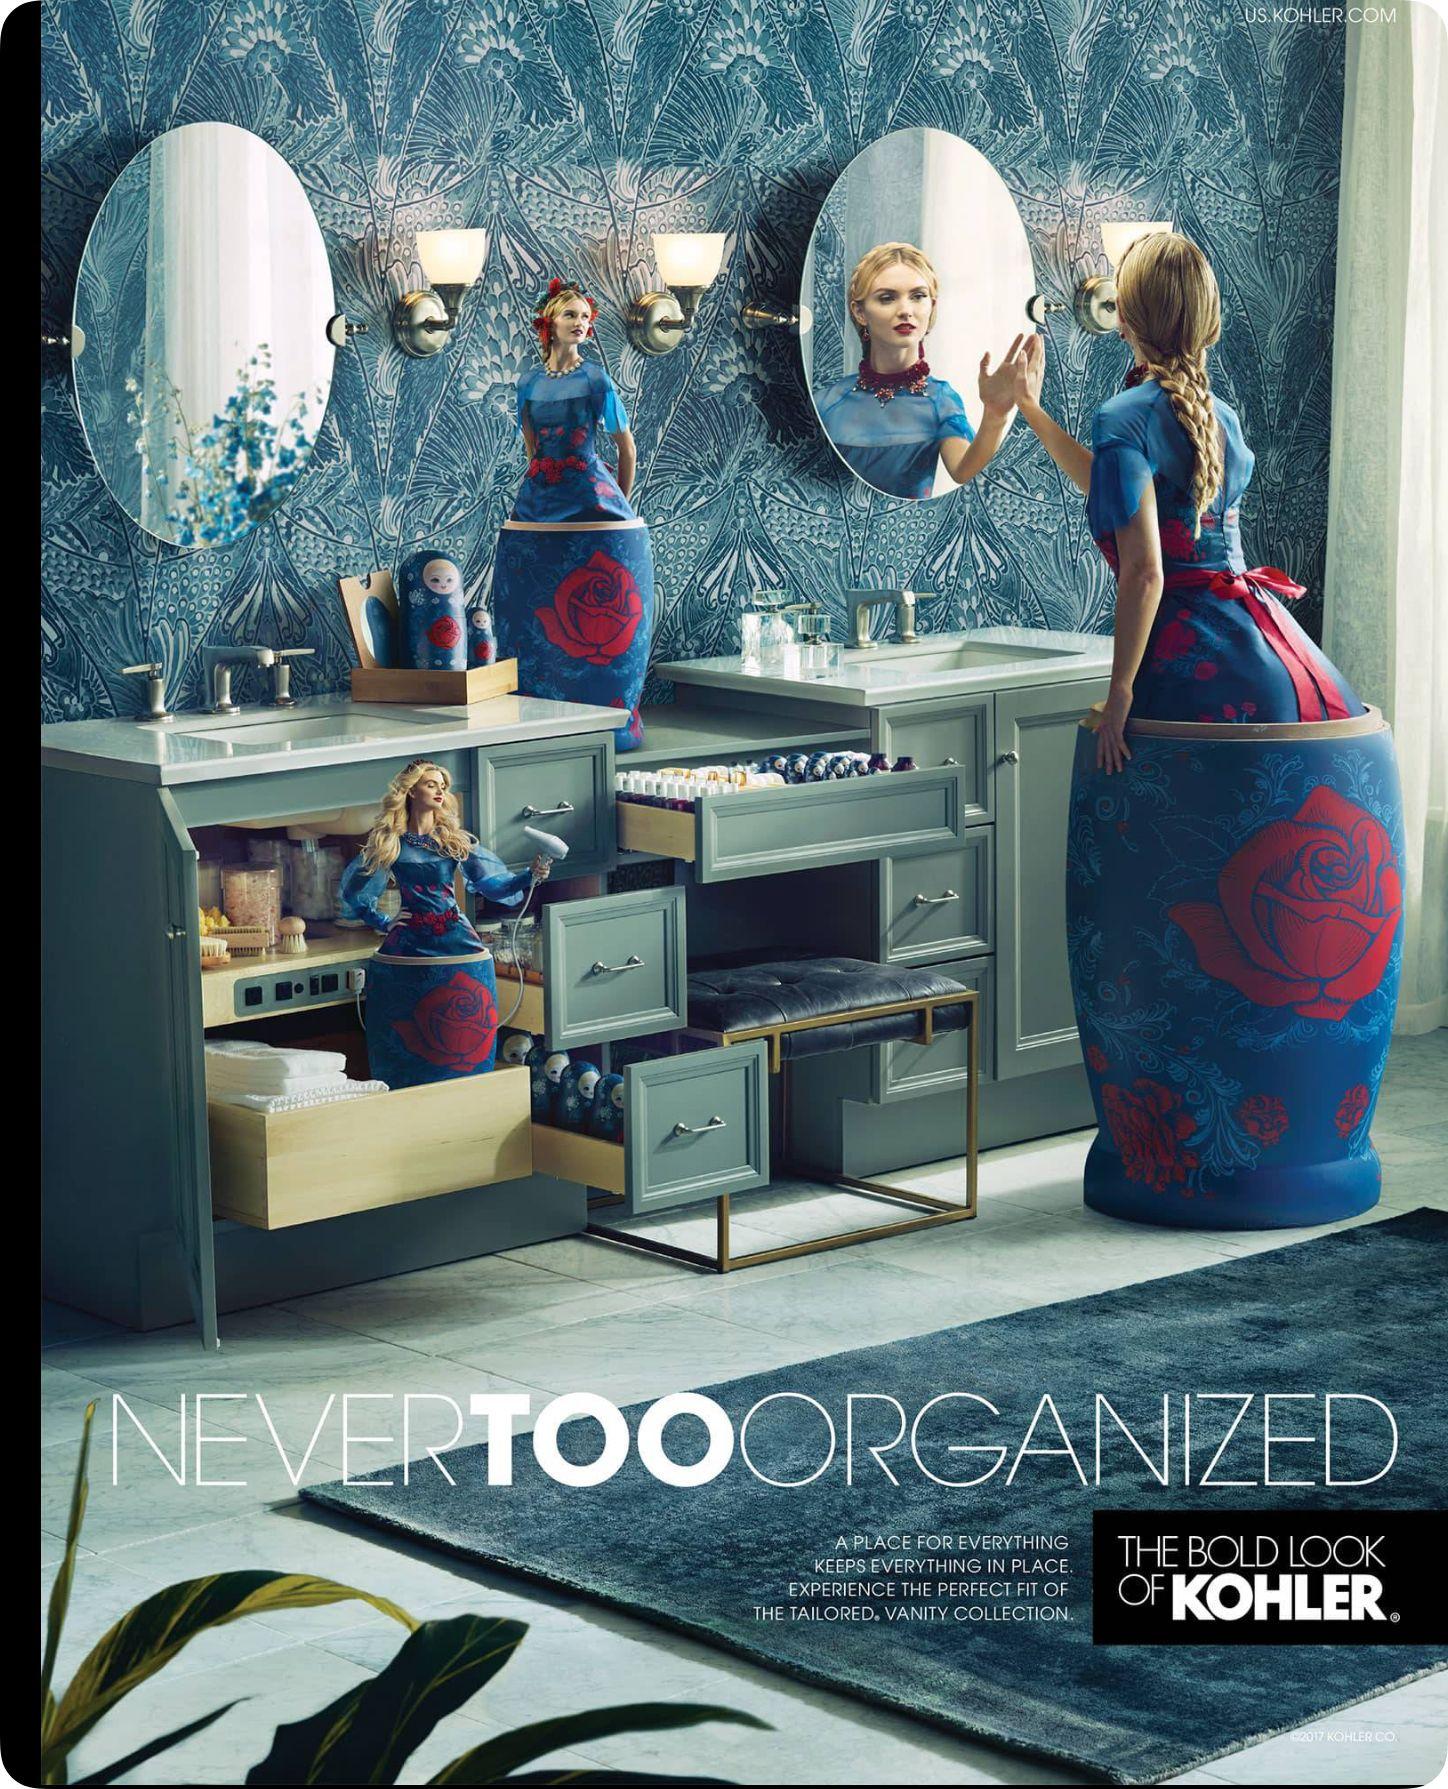 AD_HGV090118_Kohler_0112_01 Kohler, Hgtv magazine, Hgtv